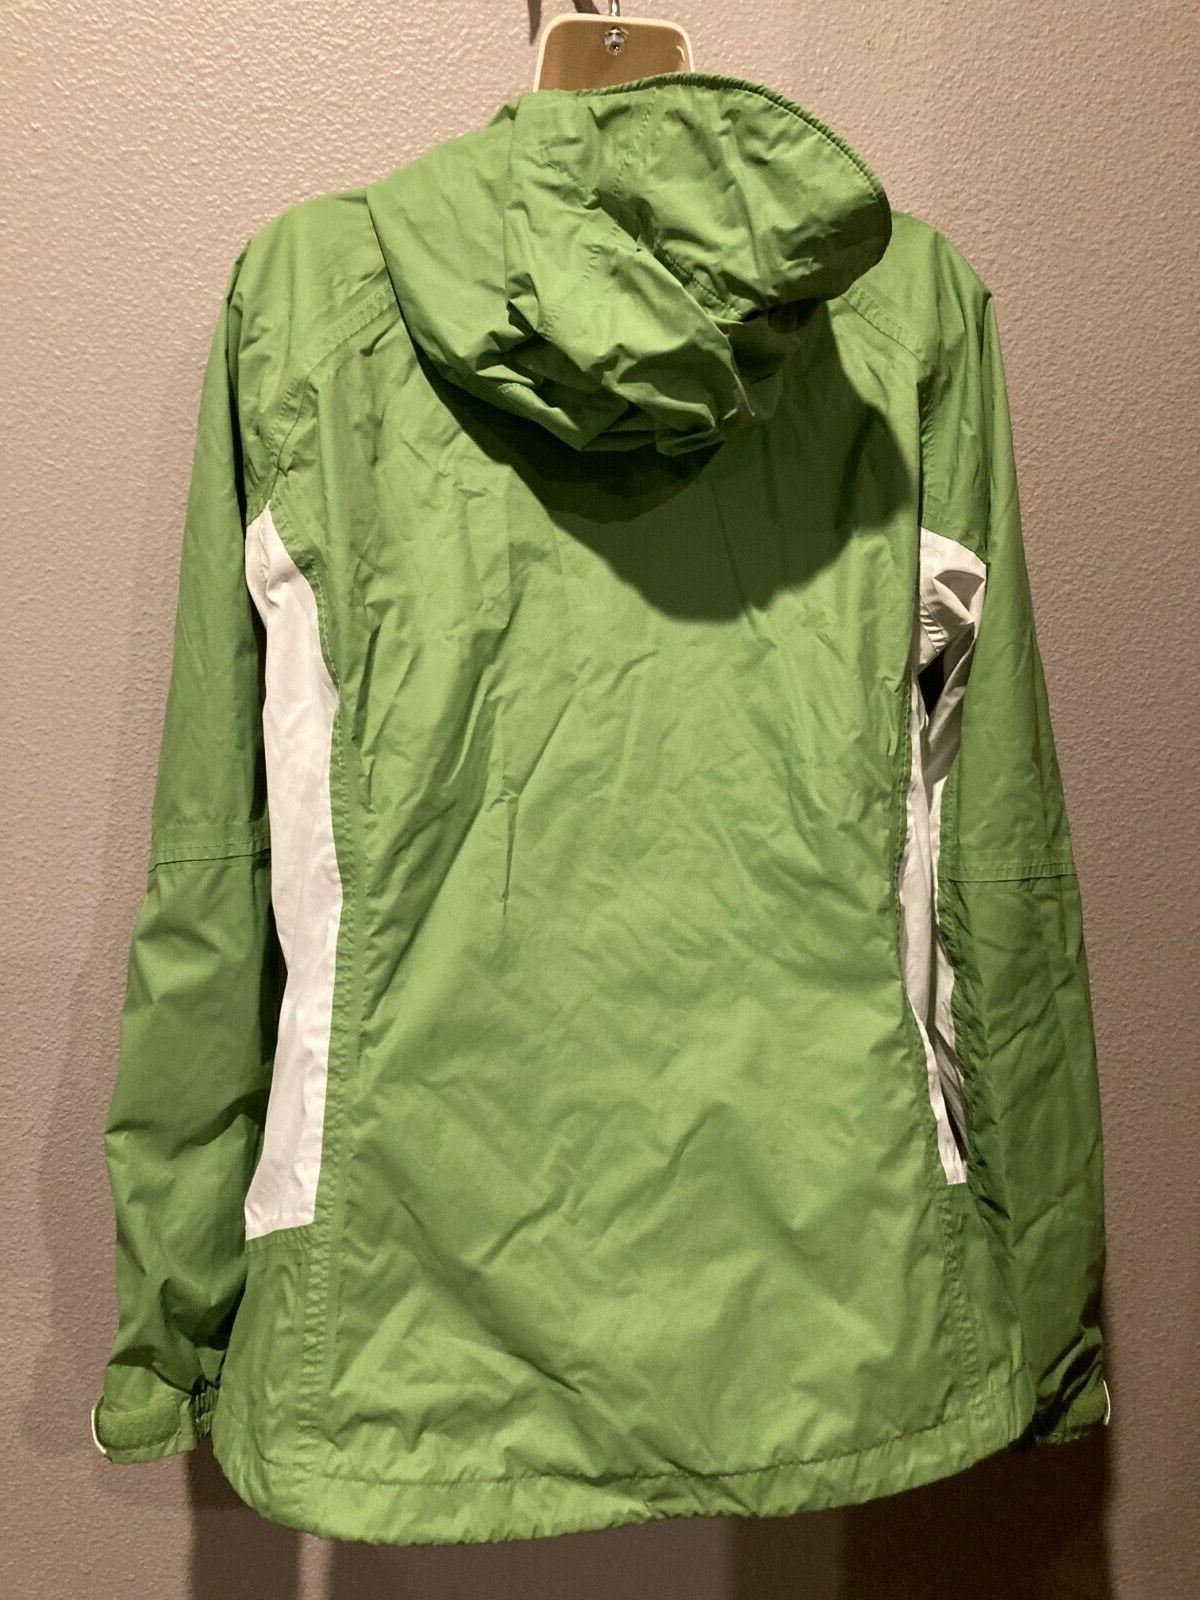 Women's Green/White Windbreaker Waterproof Rain